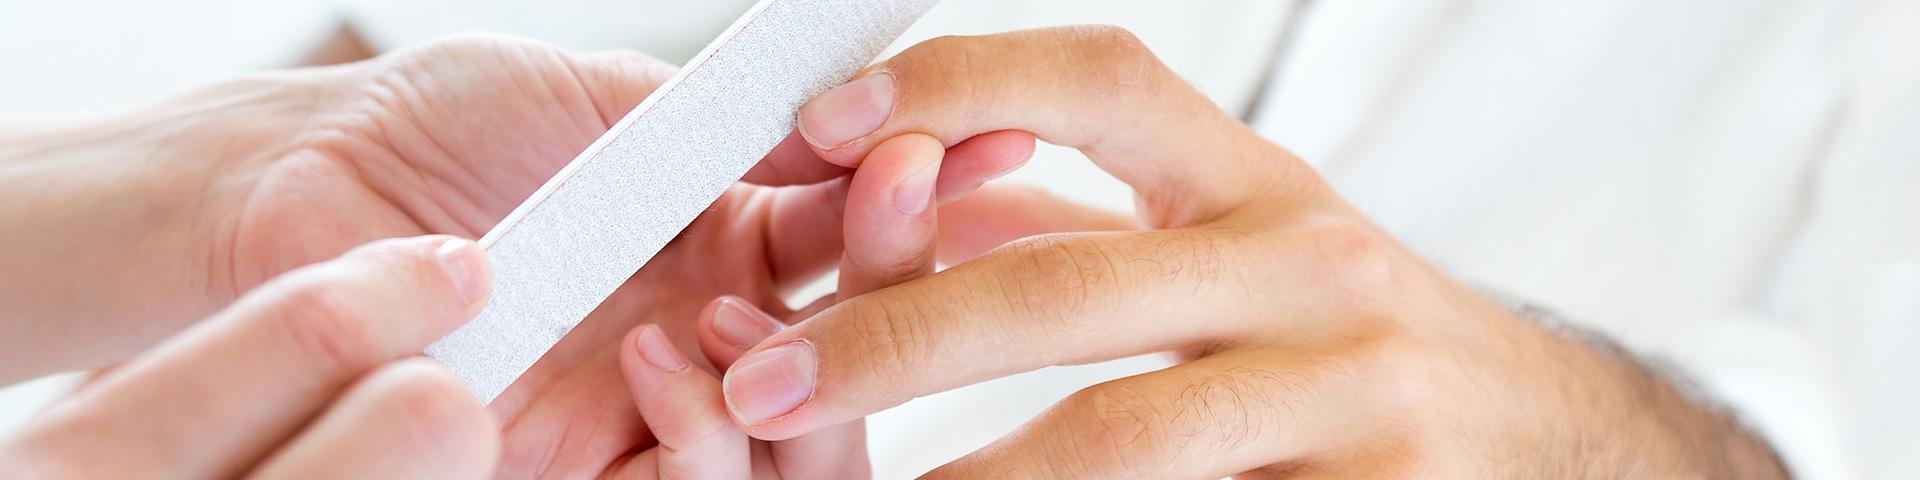 Eine Frauenhand feilt die Fingernägel einer Männerhand